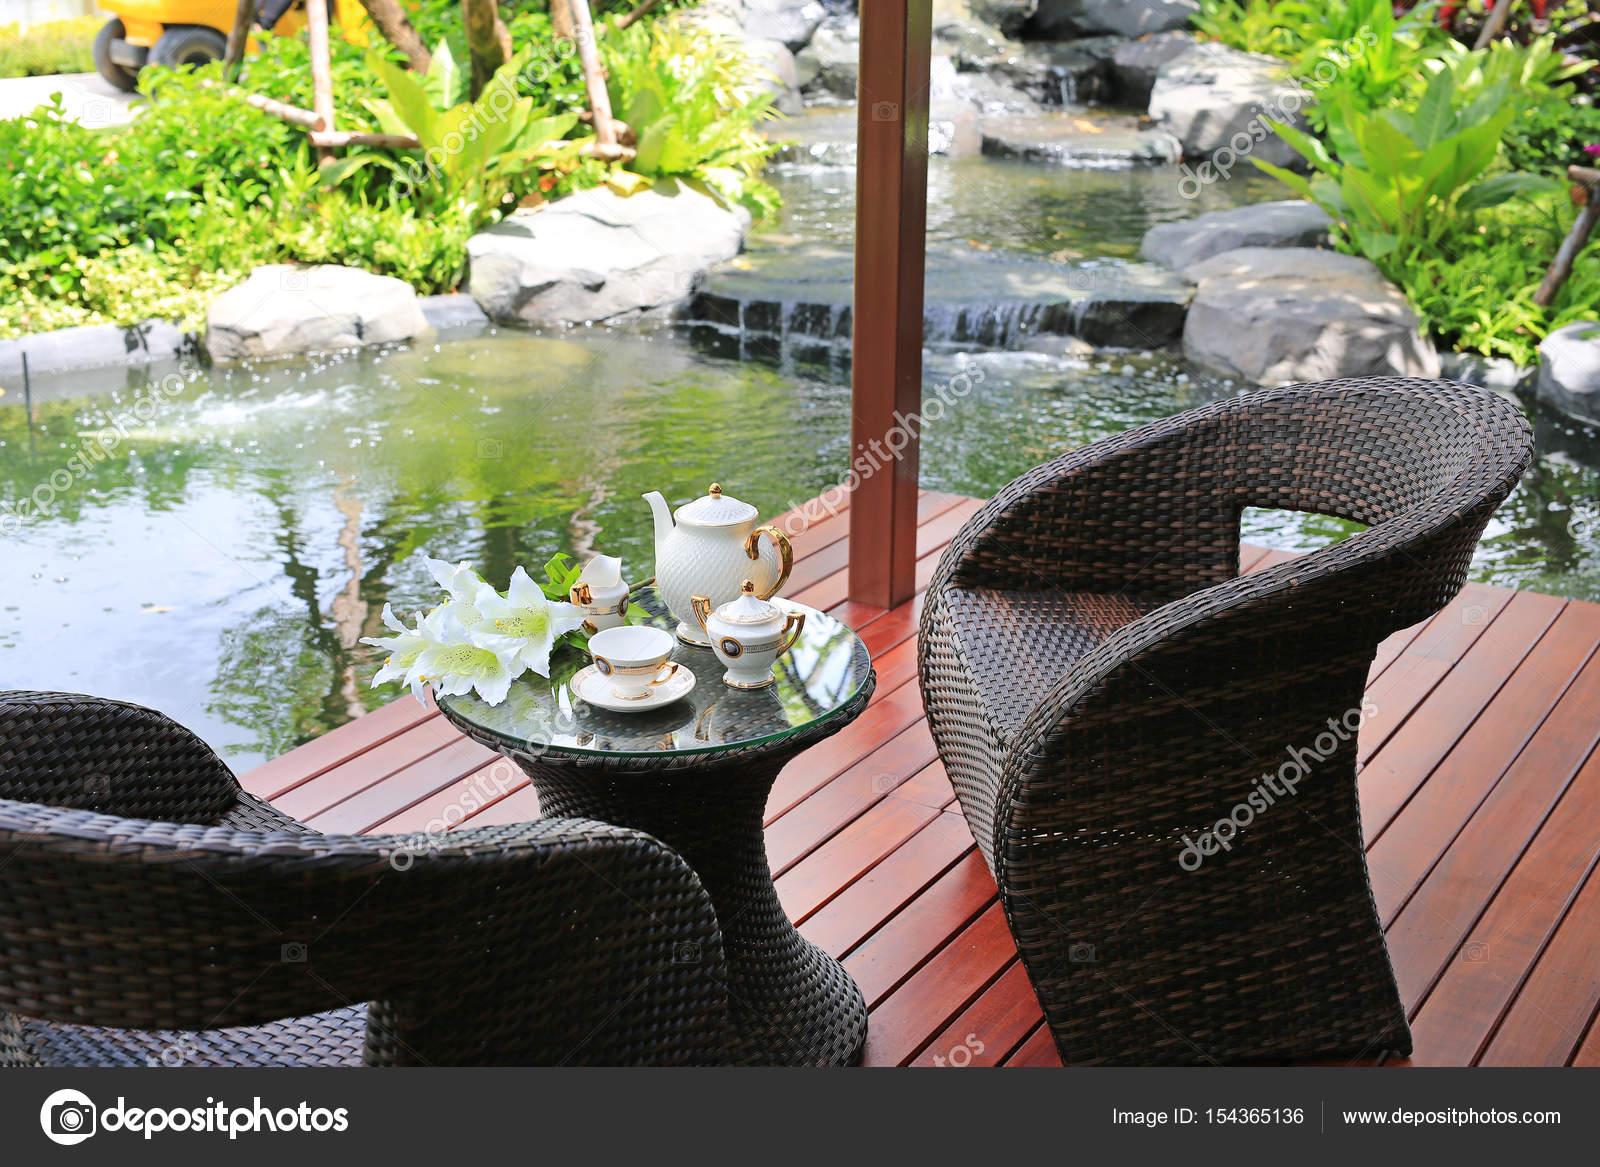 Juego de té en muebles en el jardín de la rota — Foto de stock ...